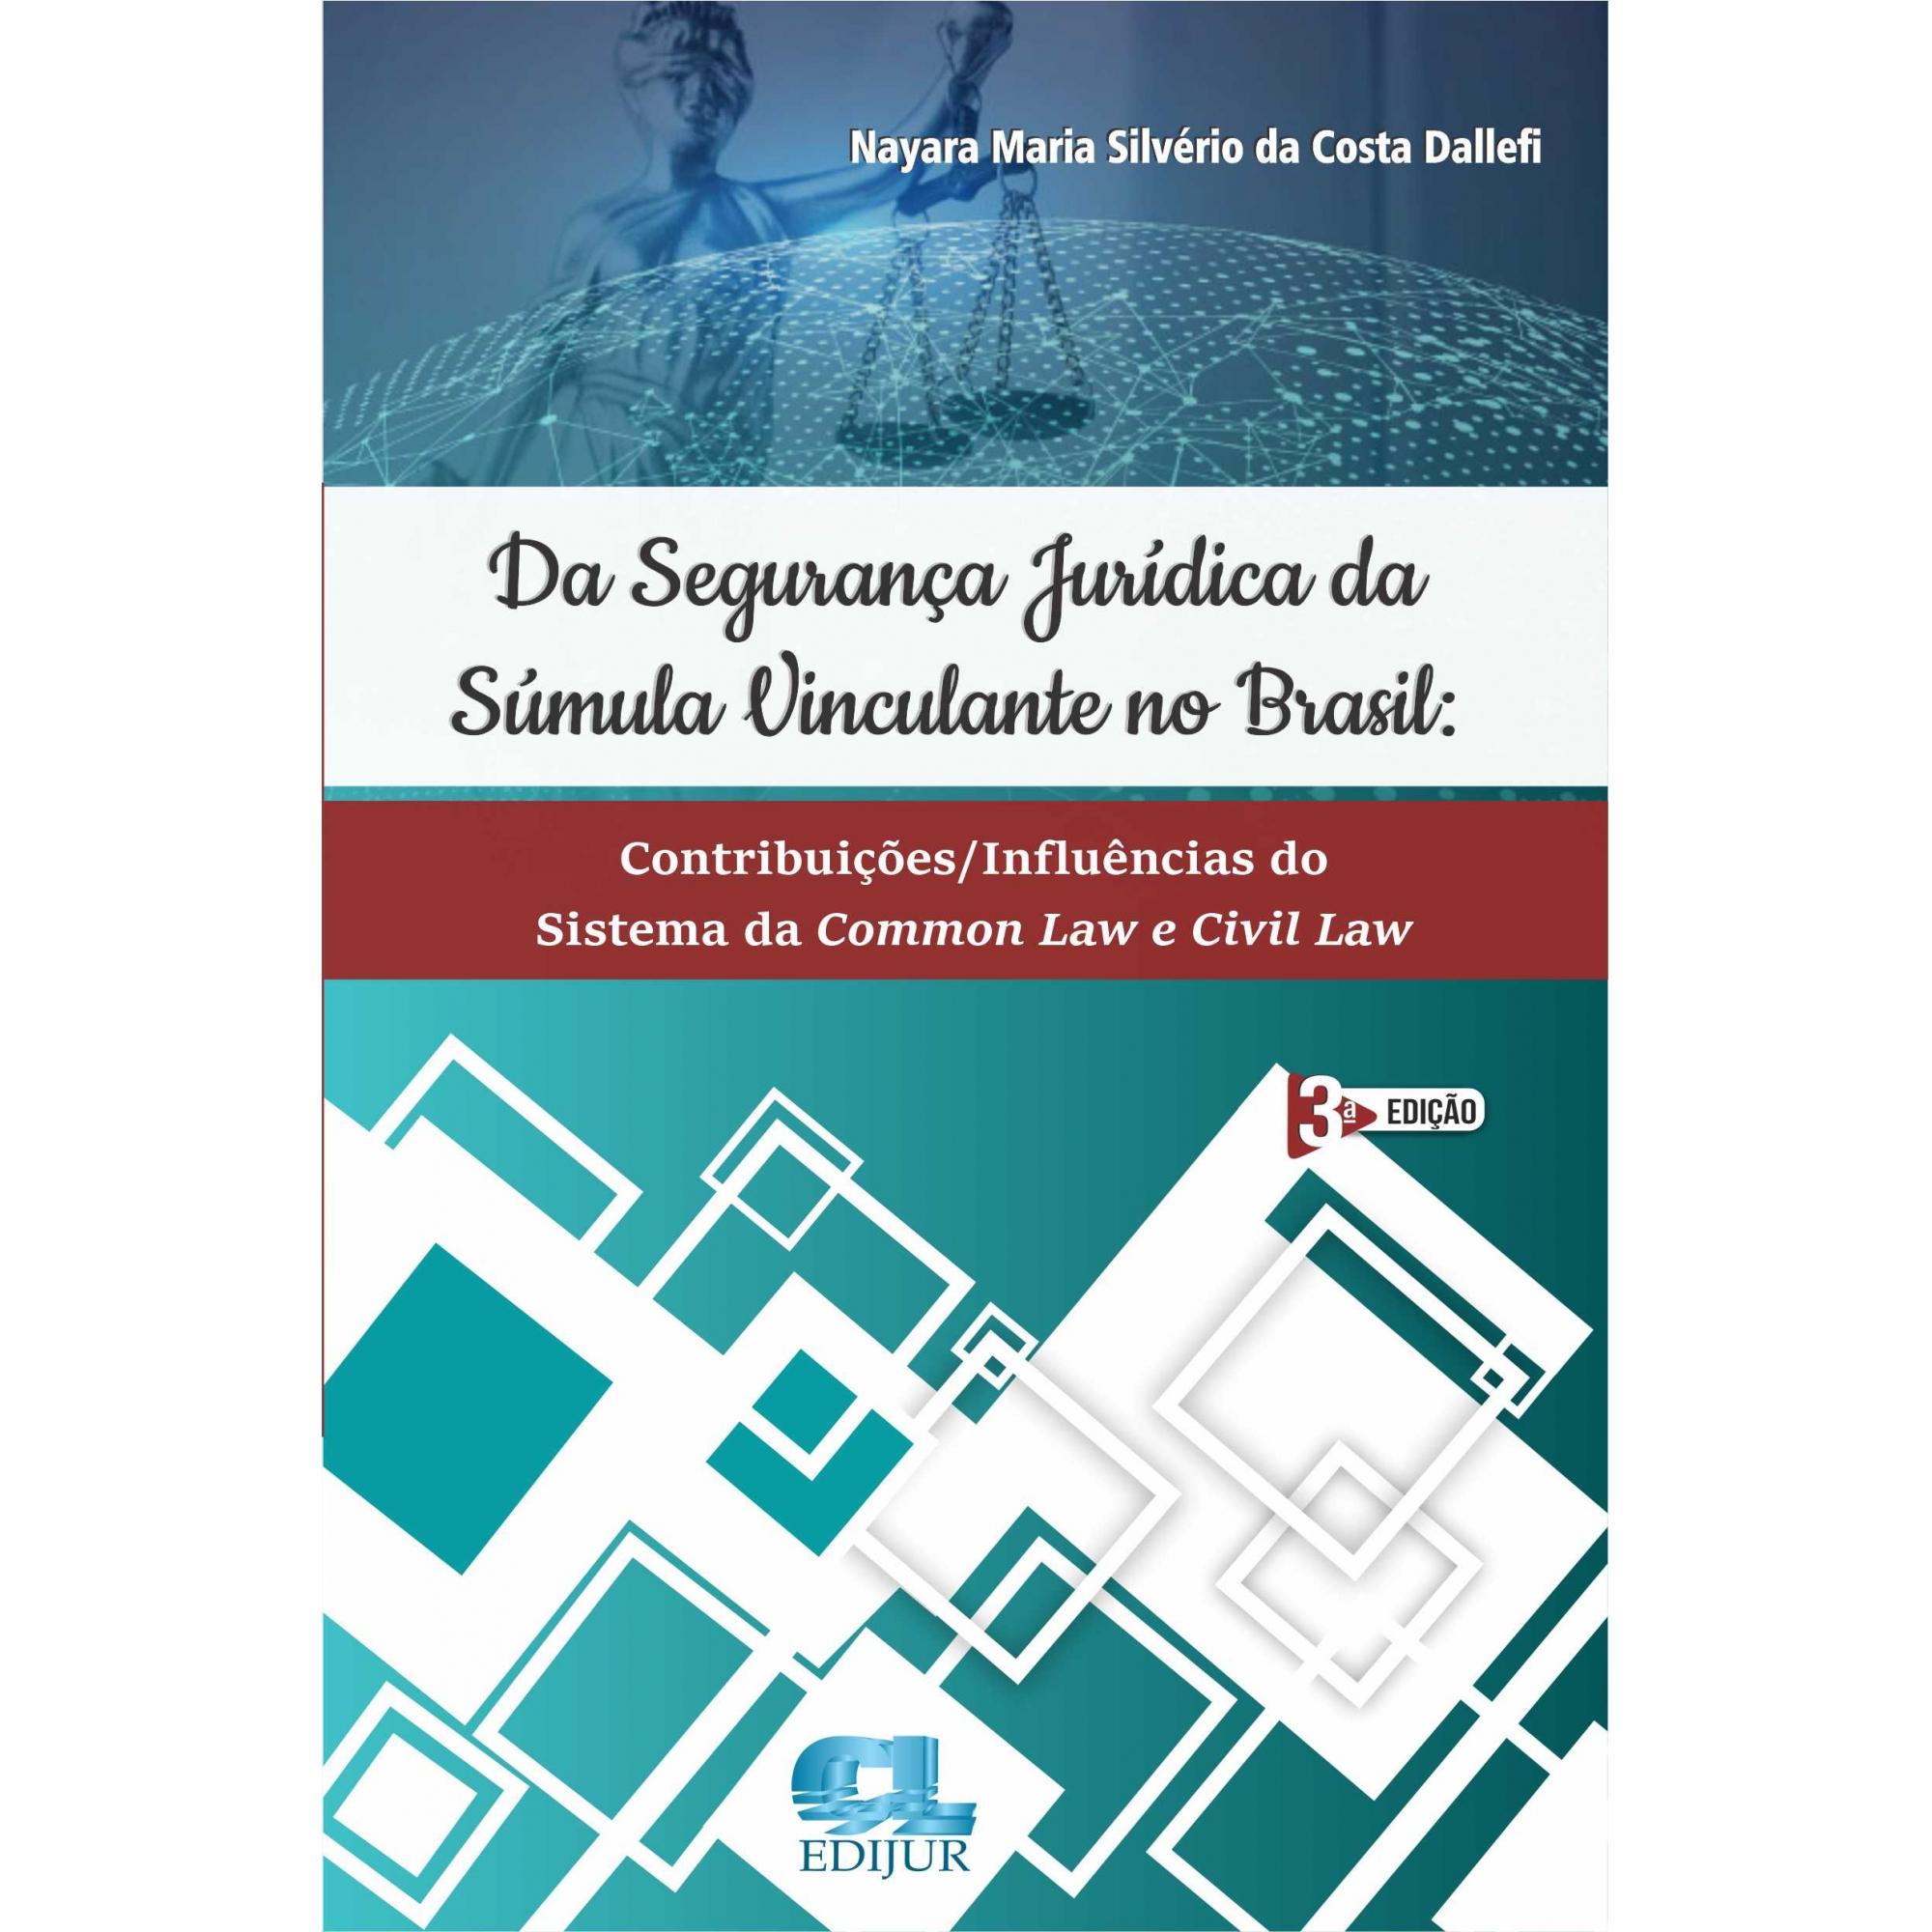 DA SEGURANÇA JURÍDICA DA SÚMULA VINCULANTE NO BRASIL - 3ª EDIÇÃO  - Edijur Editora